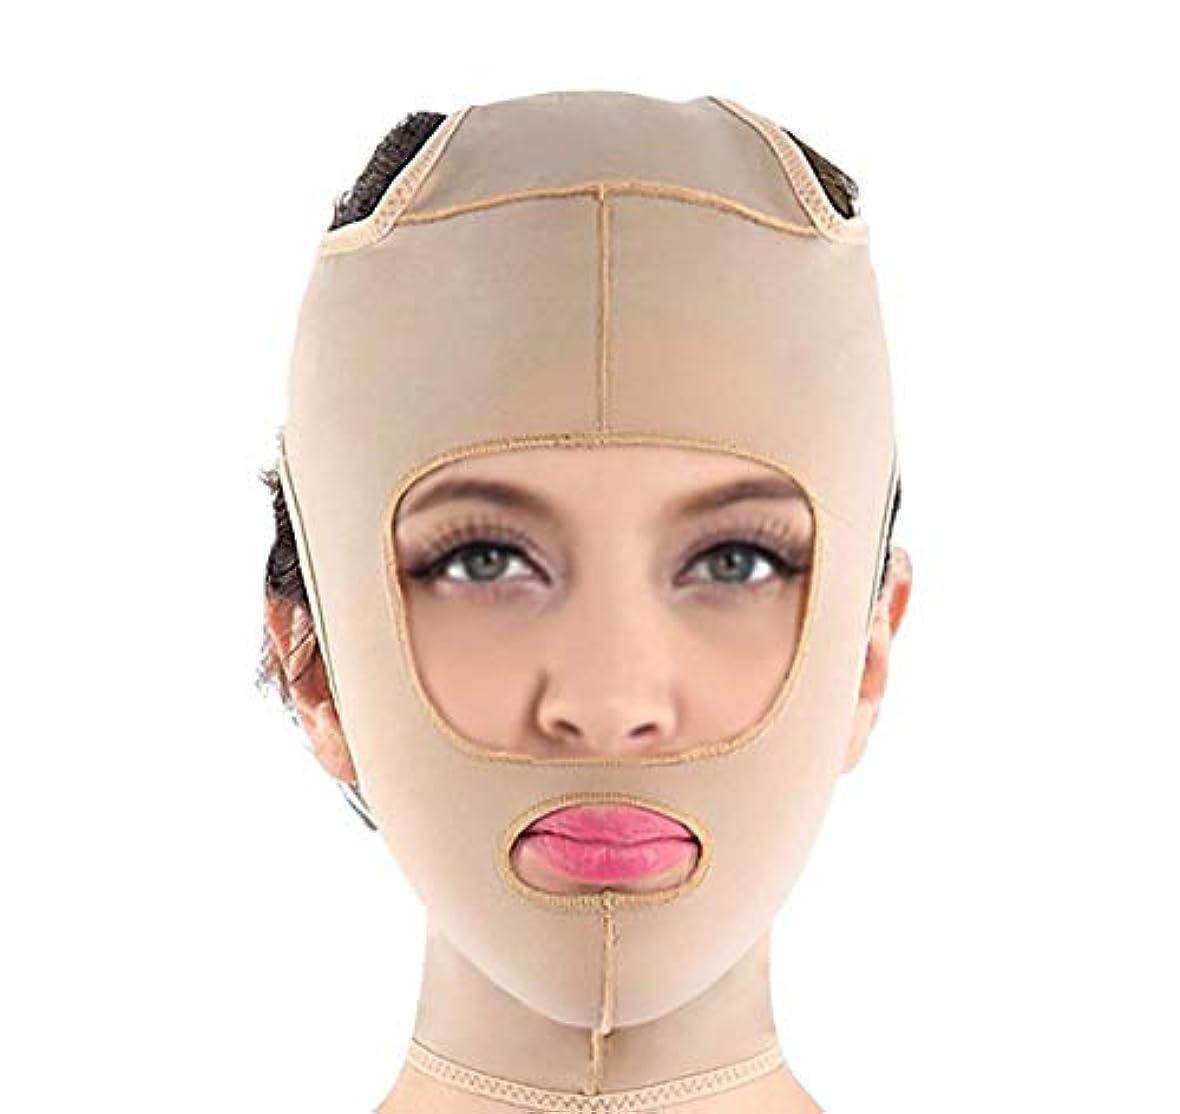 ケーキプット雇用フェイスリフティングマスクで肌をよりしっかりと保ち、V字型の顔を形作り、超薄型の通気性、調節可能で快適な着用感(サイズ:Xl),L